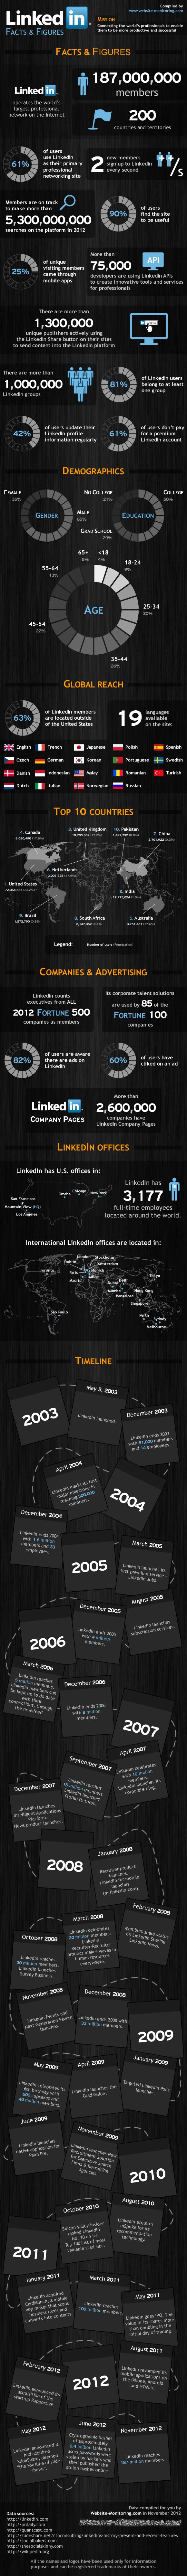 LinkedIn - hechos y números